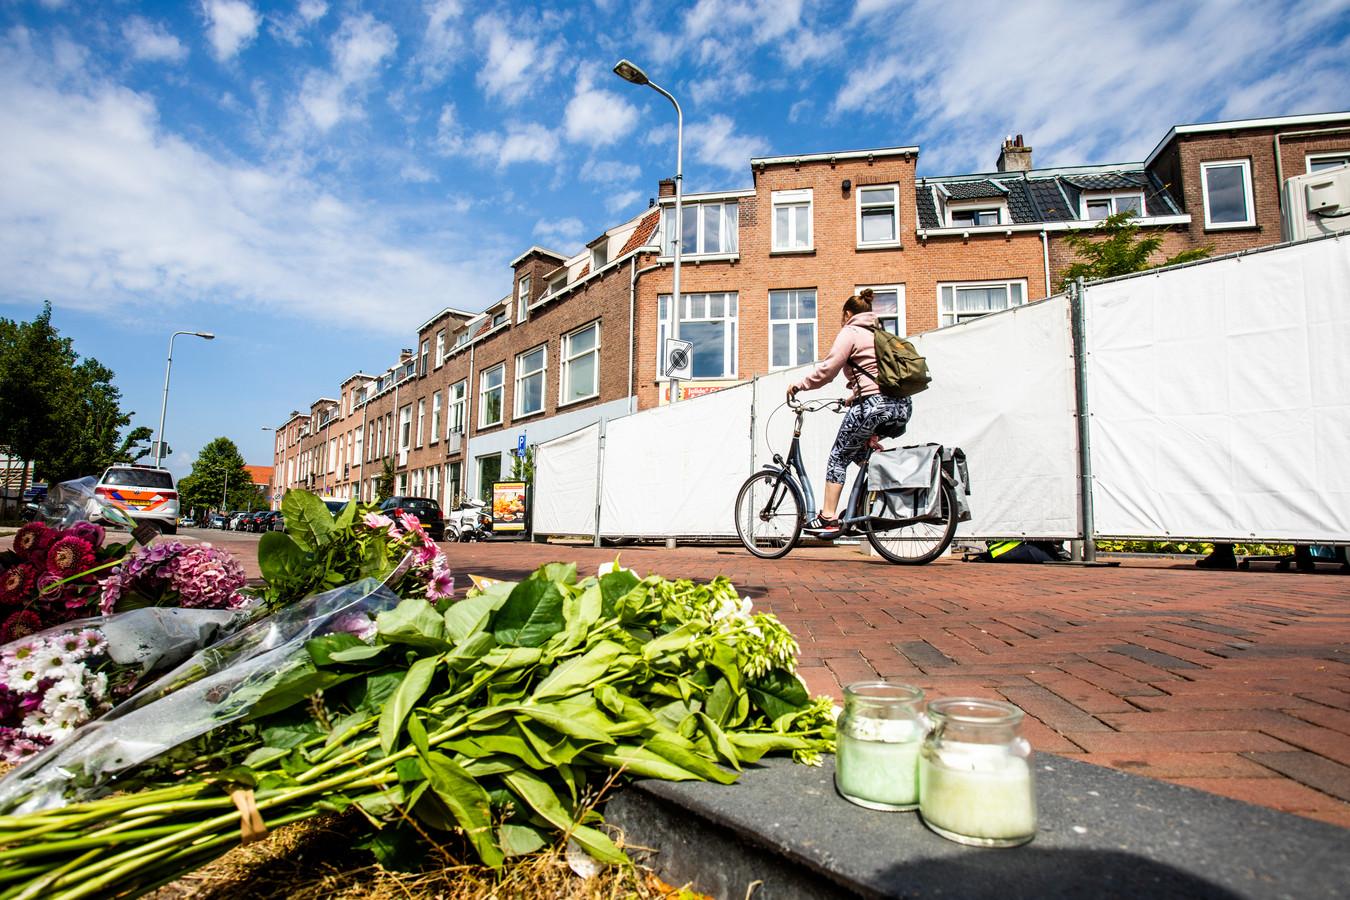 Bloemen voor het studentenhuis aan de Bosboomstraat in Utrecht, waar de omgebrachte Laura Korsman tot 11 juli woonde.